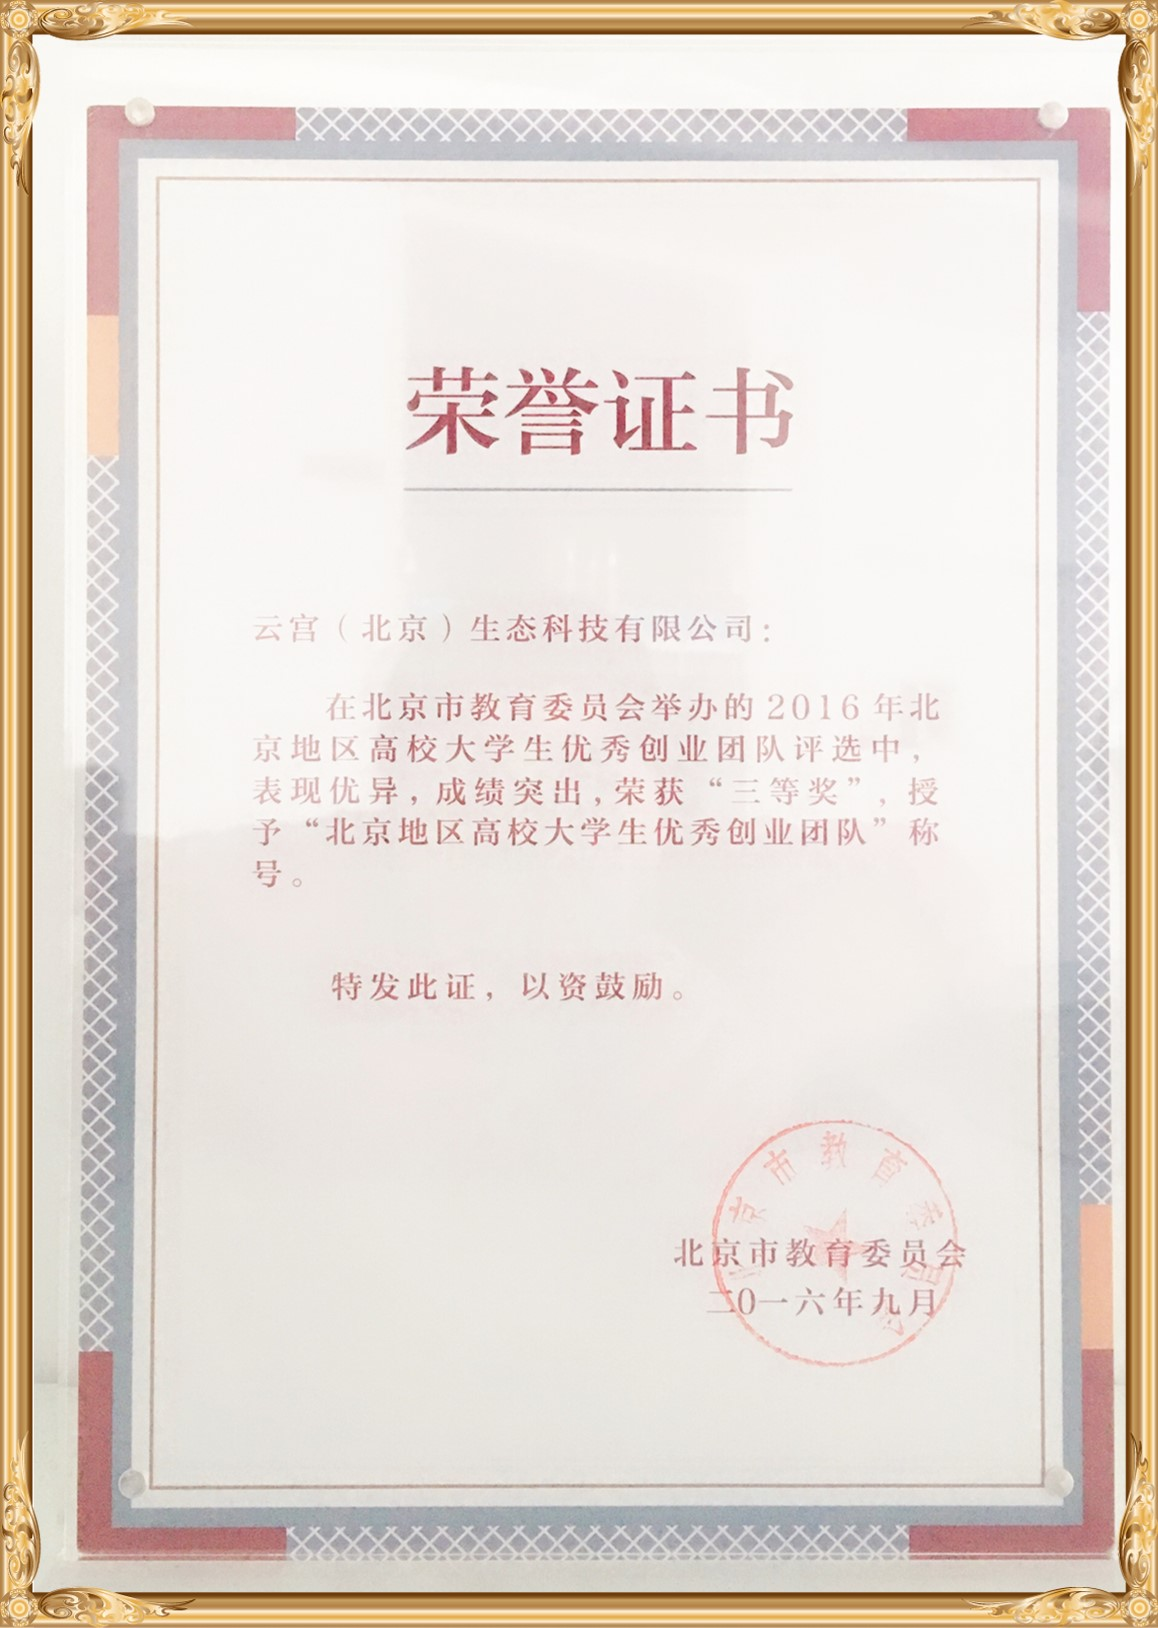 """北京市教委颁发""""北京地区高校大学生优秀创业团队""""称号"""